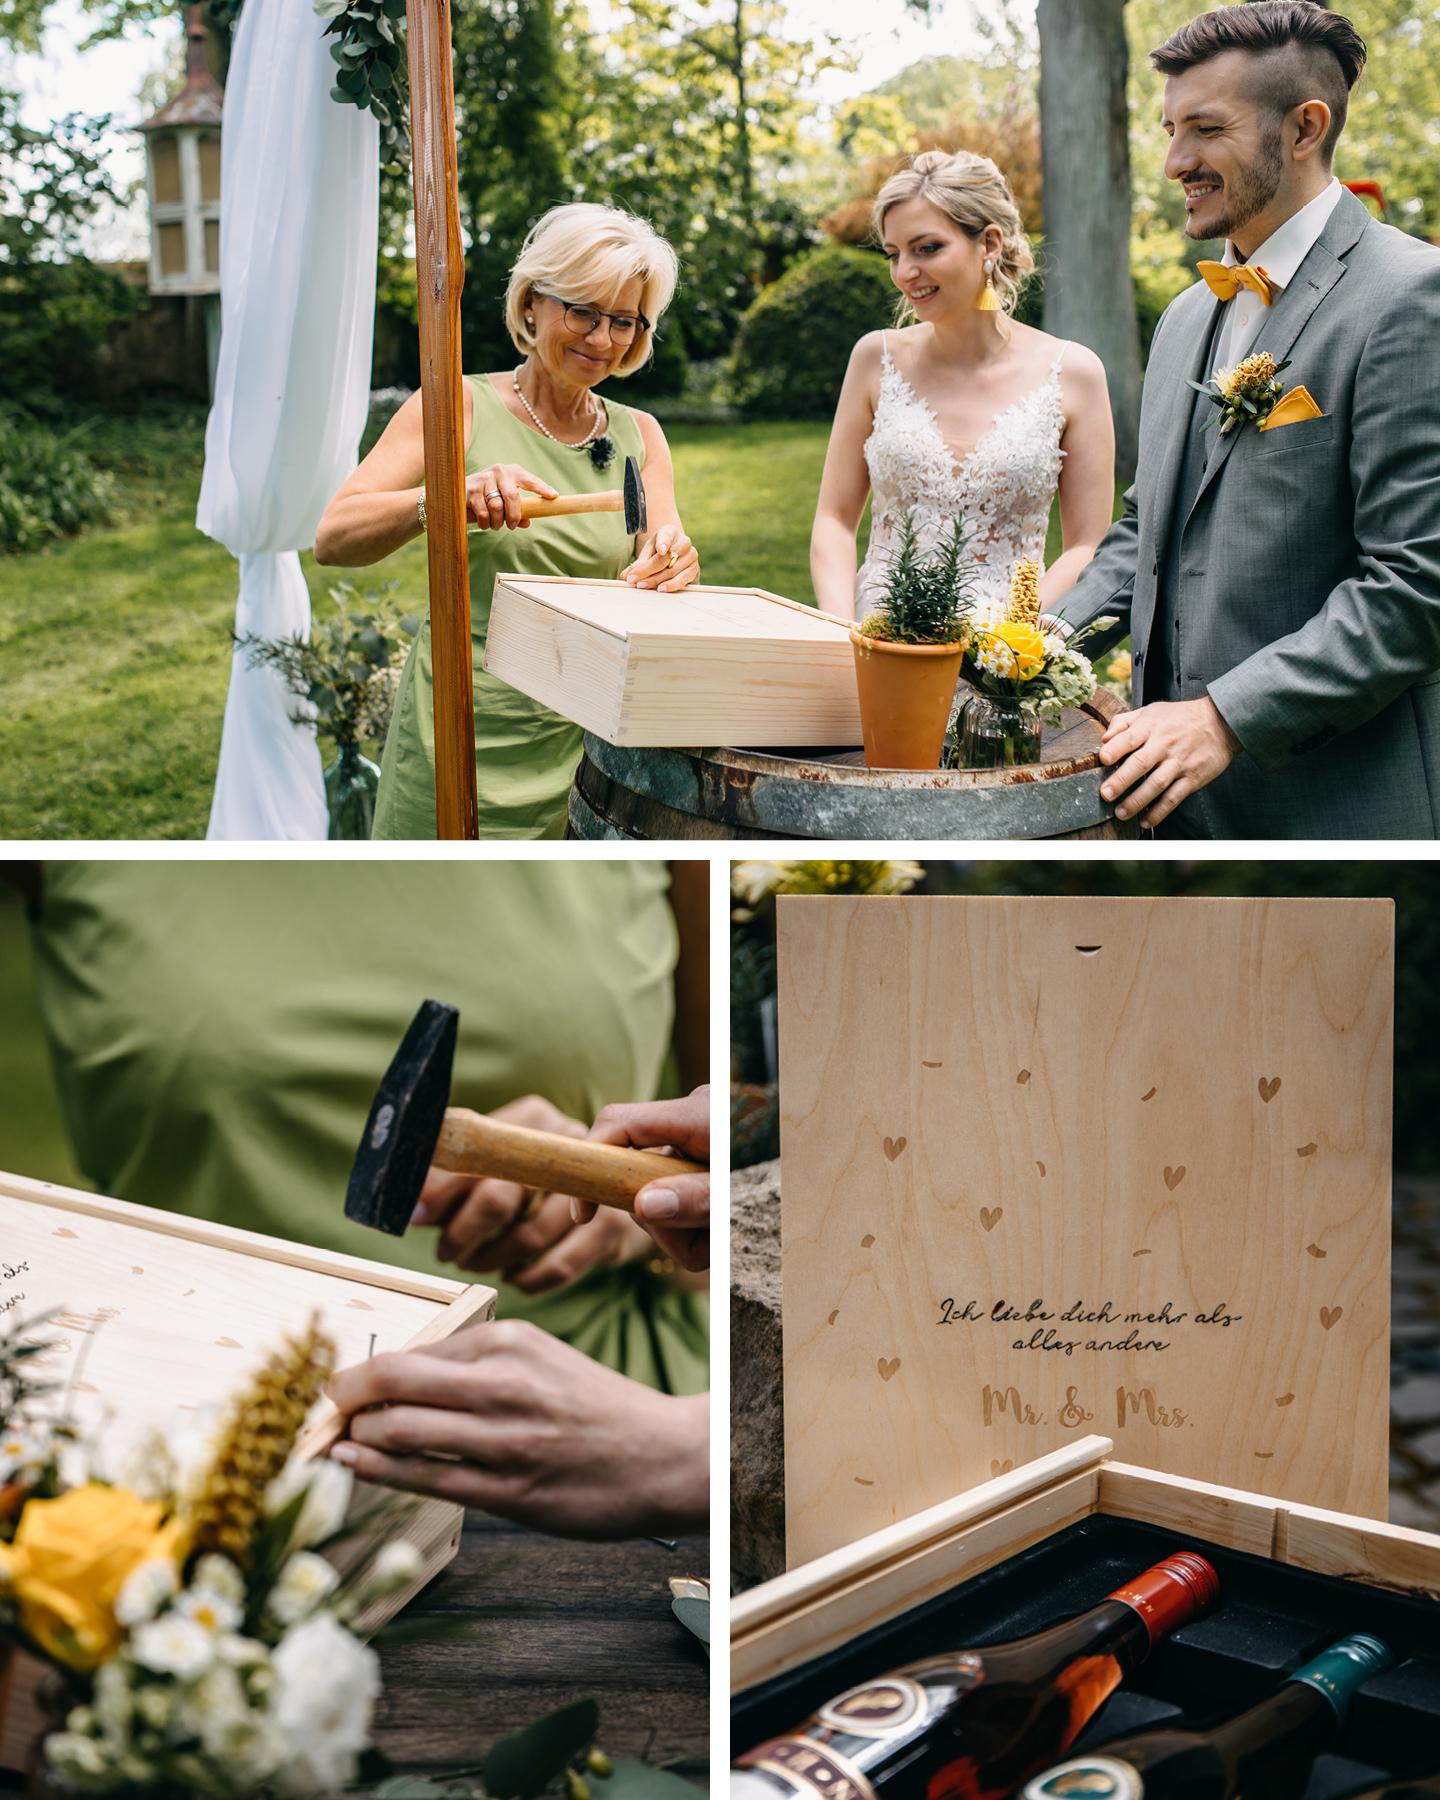 Brautpaar mit freier Traurednerin verschließen Holzkiste mit Wein und guten Wünschen zum 1. Hochzeitstag.